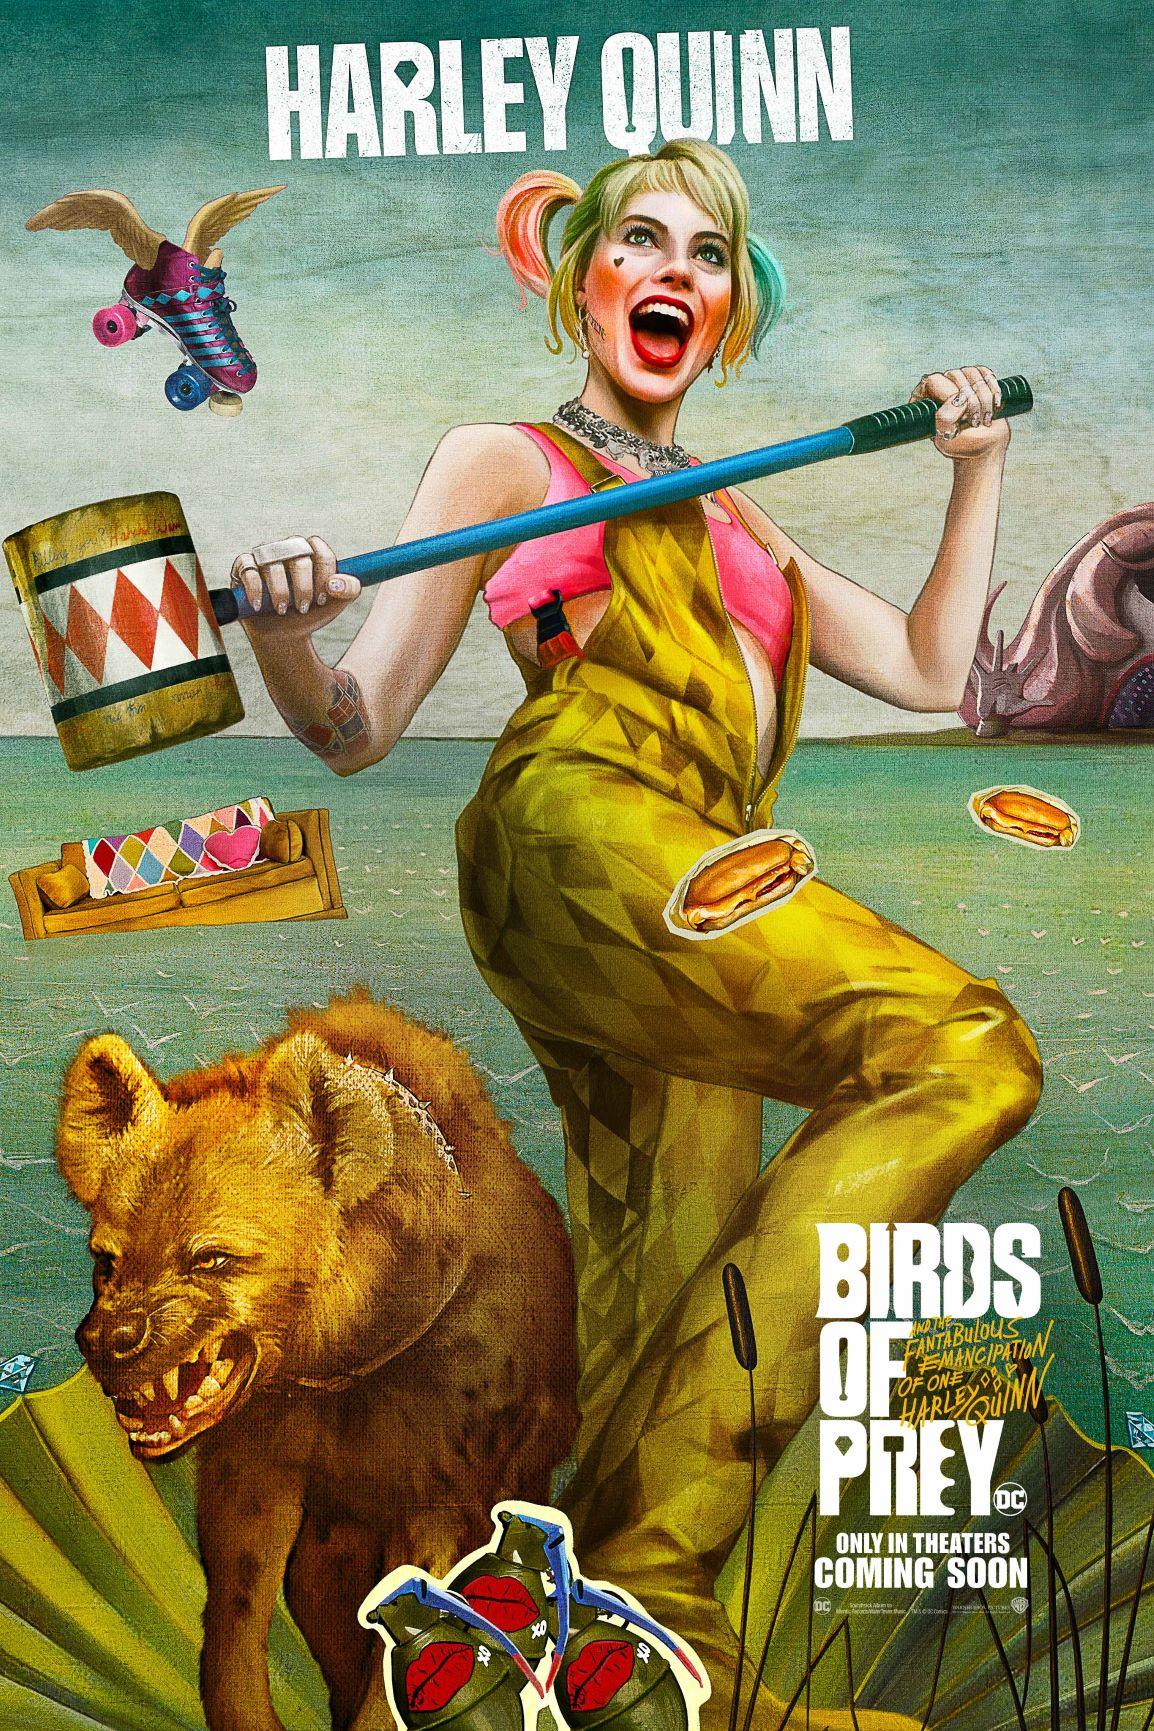 《猛禽小隊:小丑女大解放》電影主海報翻玩世界名畫 《維納斯的誕生》致敬愛與美的女神